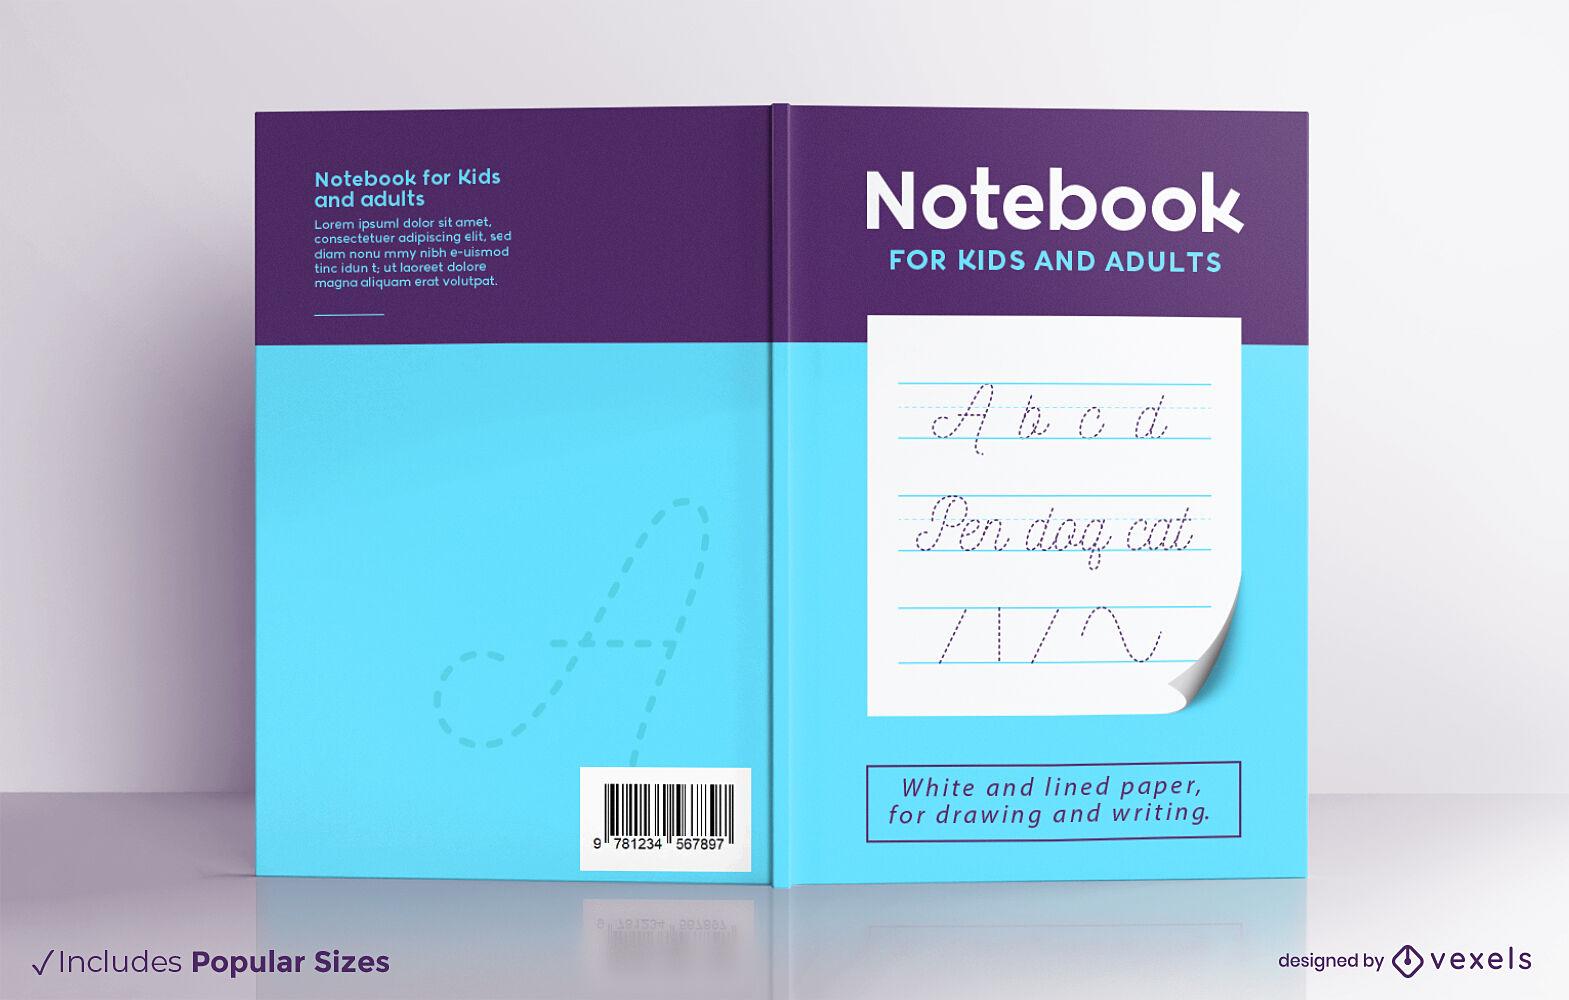 Diseño de portada de cuaderno para niños y adultos.